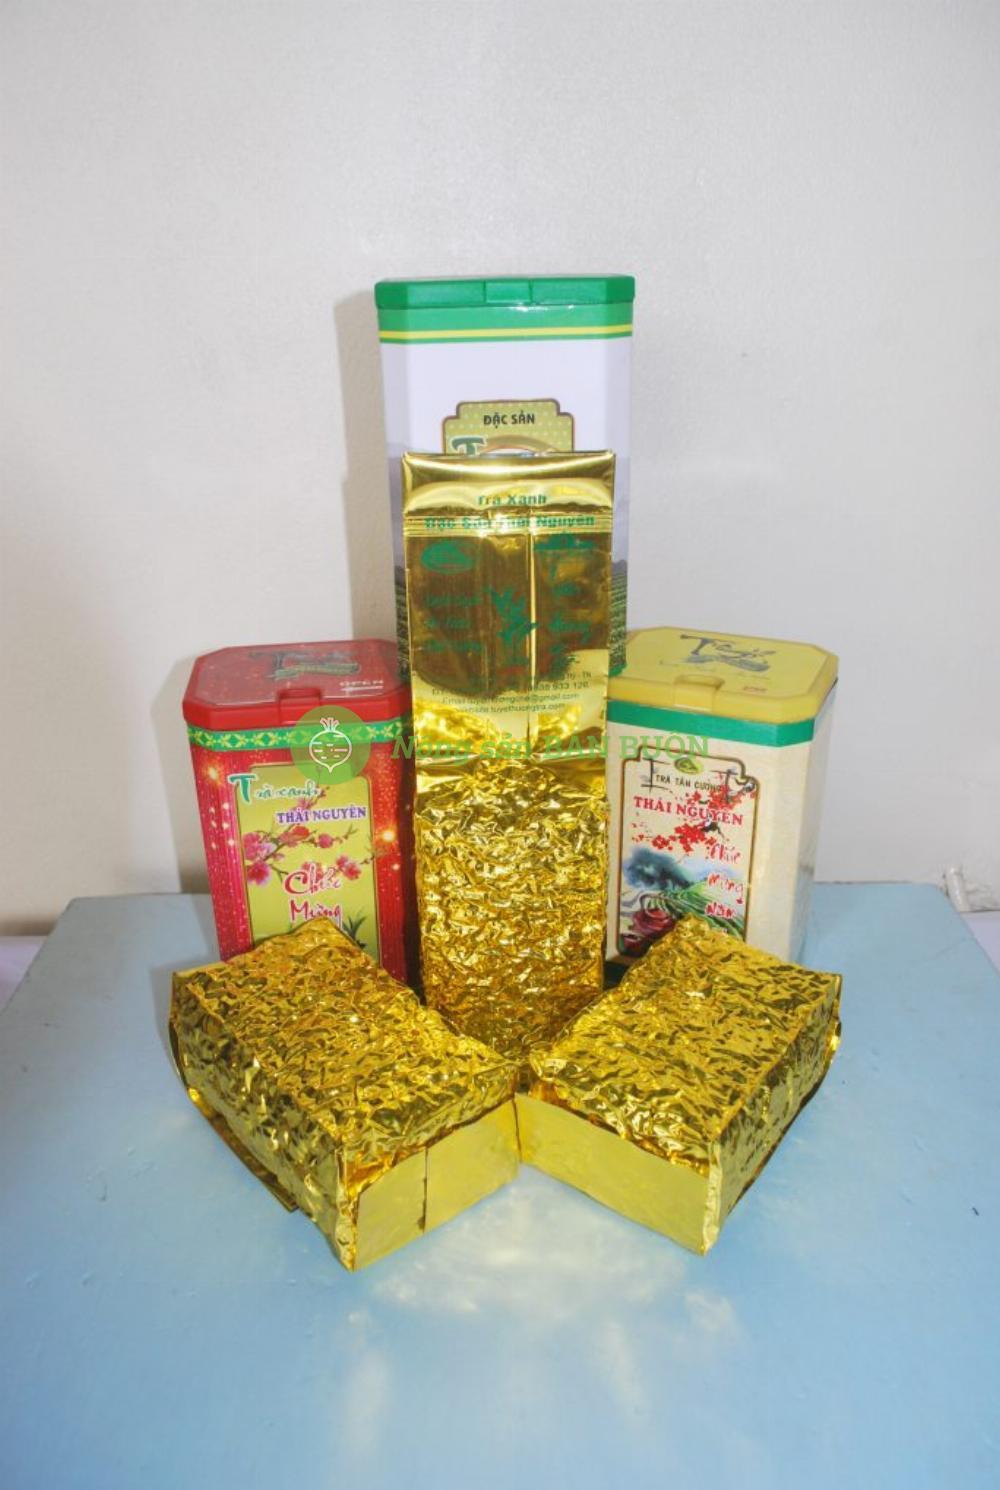 Liên hương trà – 350.000 VND/kg